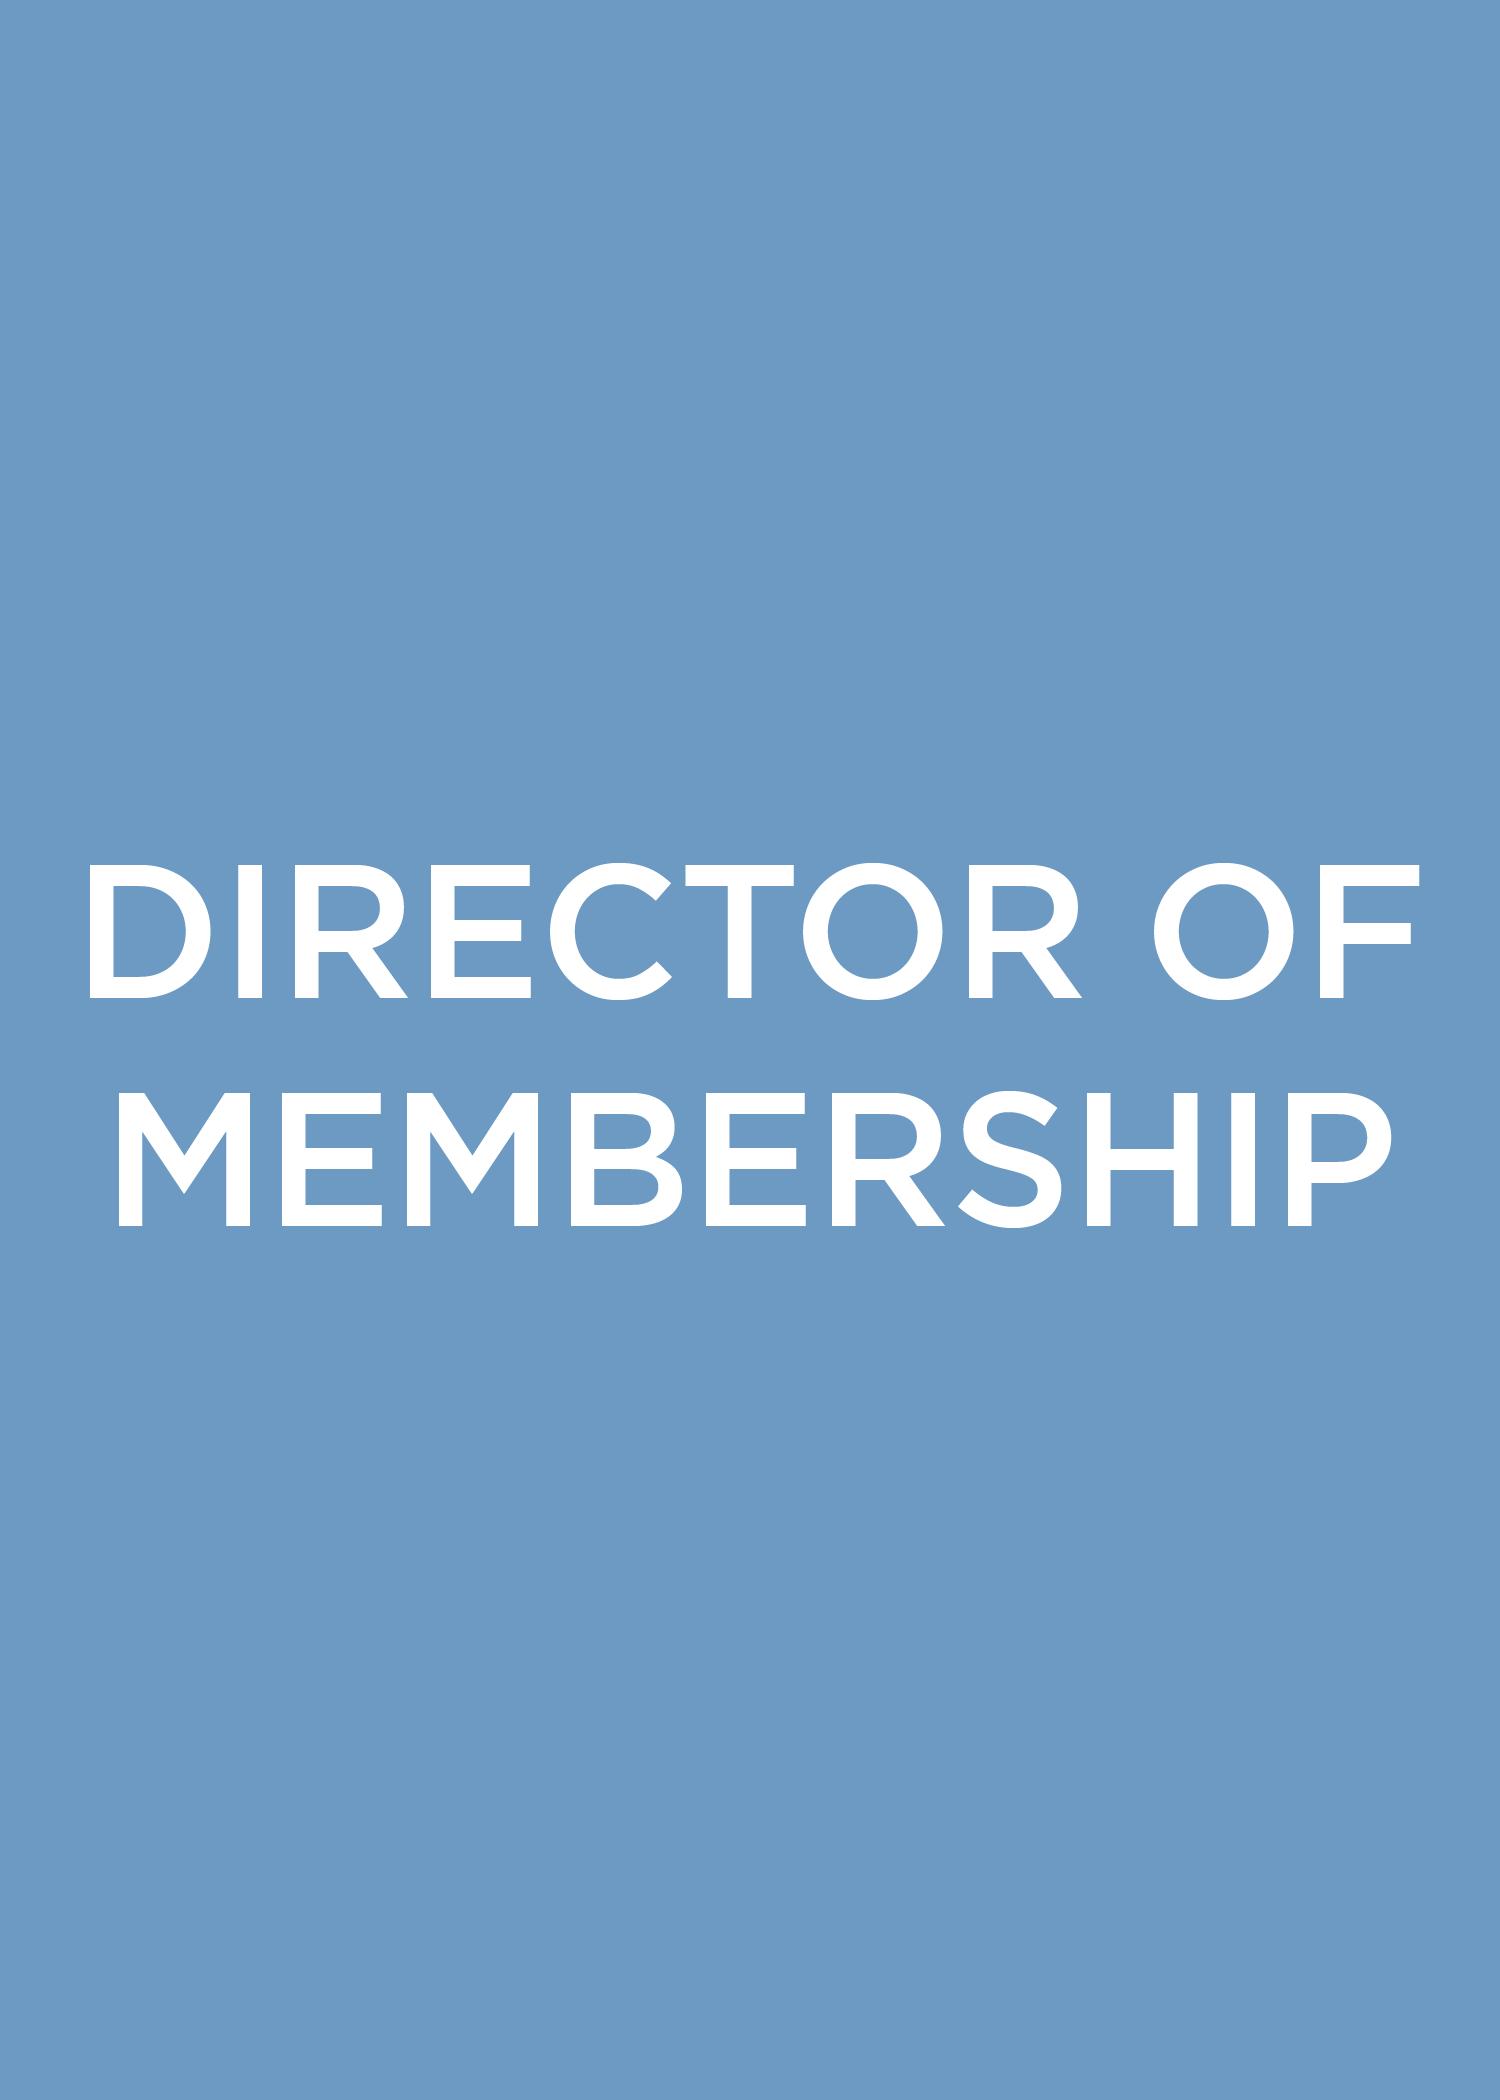 Director of Membership